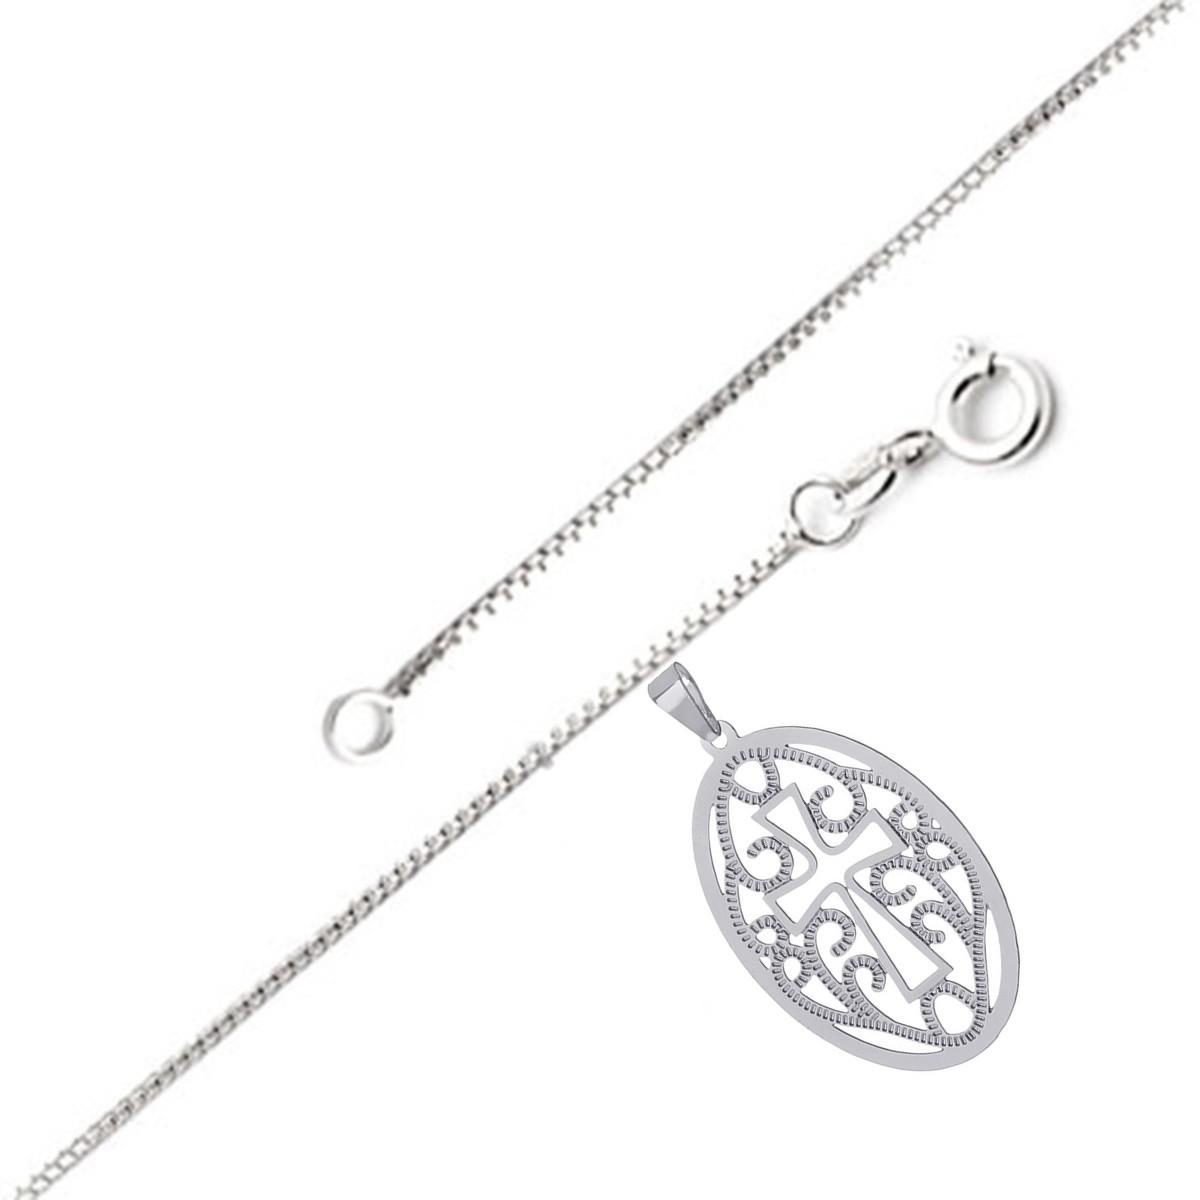 ee9f0d92264 Colar de prata com Medalha Oval Trabalhada em prata leve no Elo7 ...